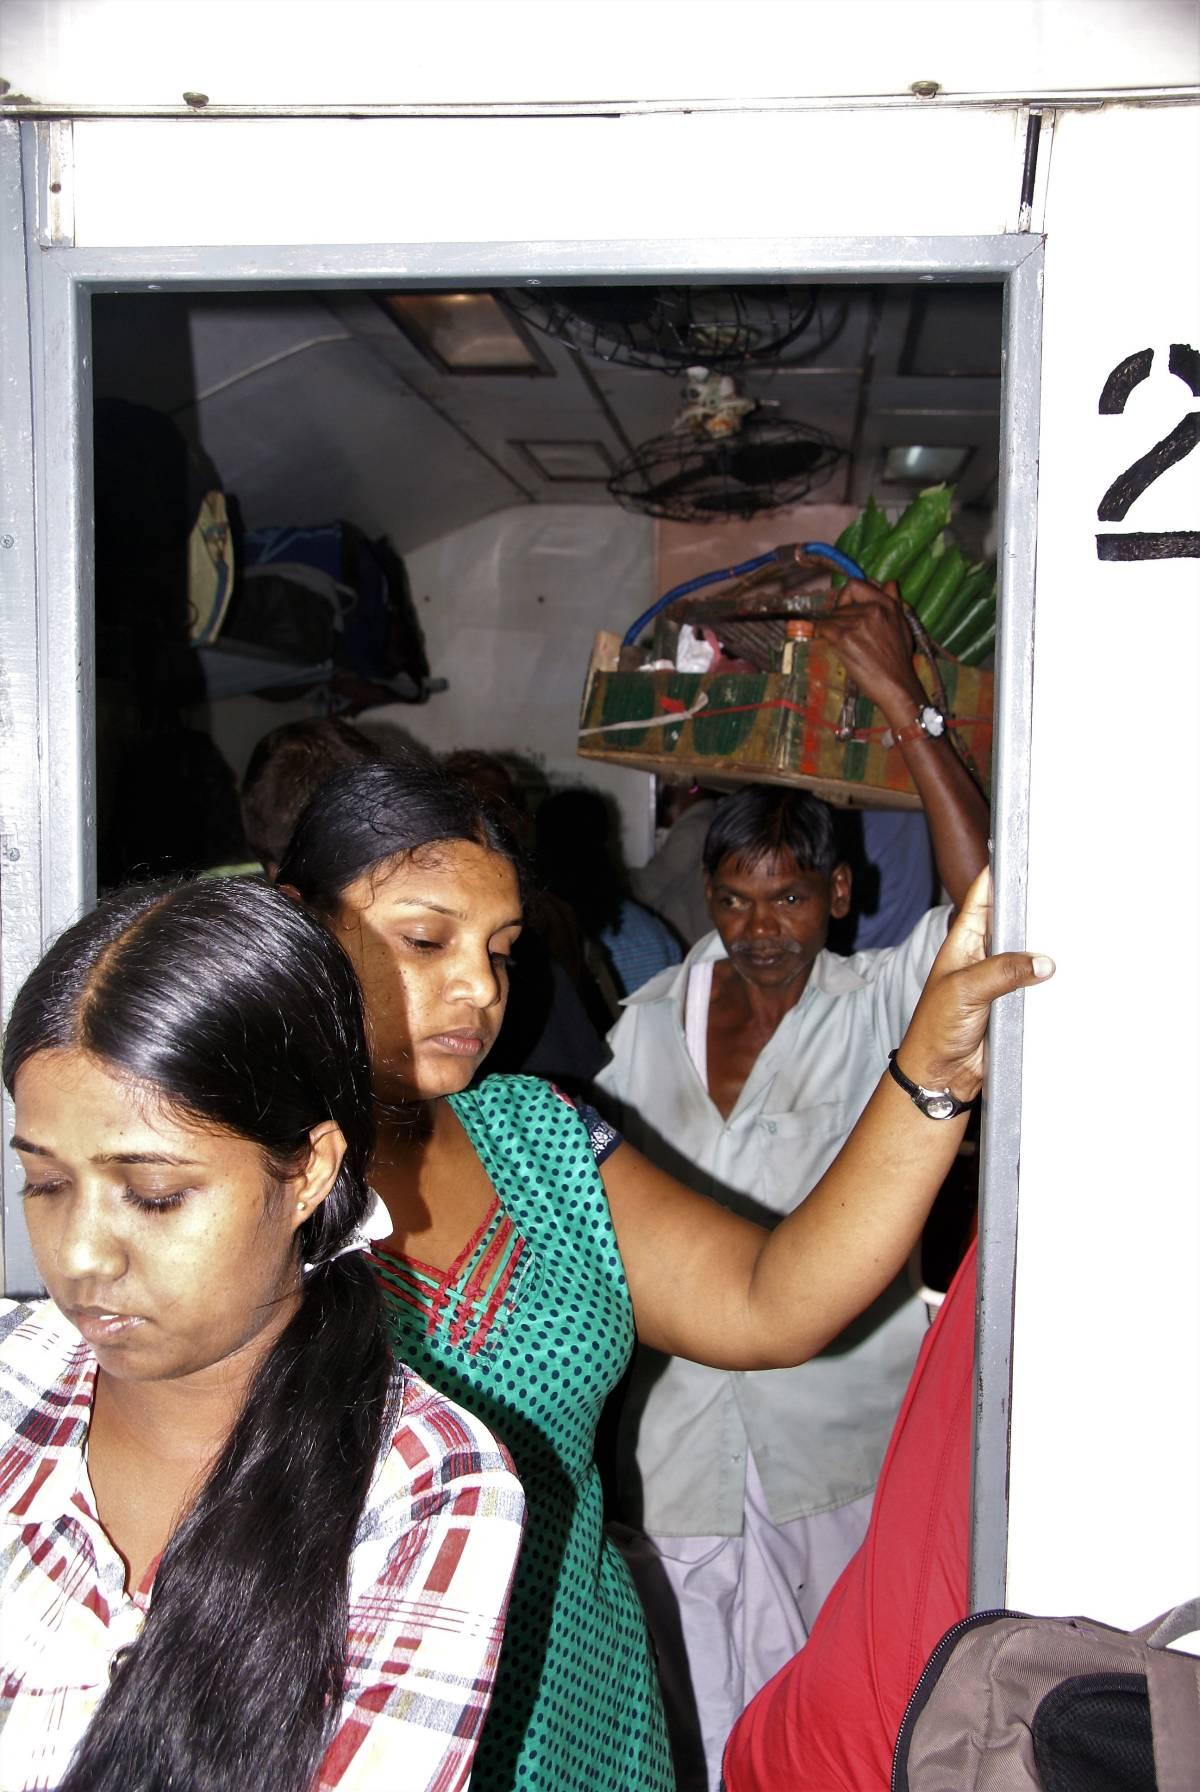 From Colombo to Rambukkana through Peradeniya to Tea Plantation Country in Sri Lanka